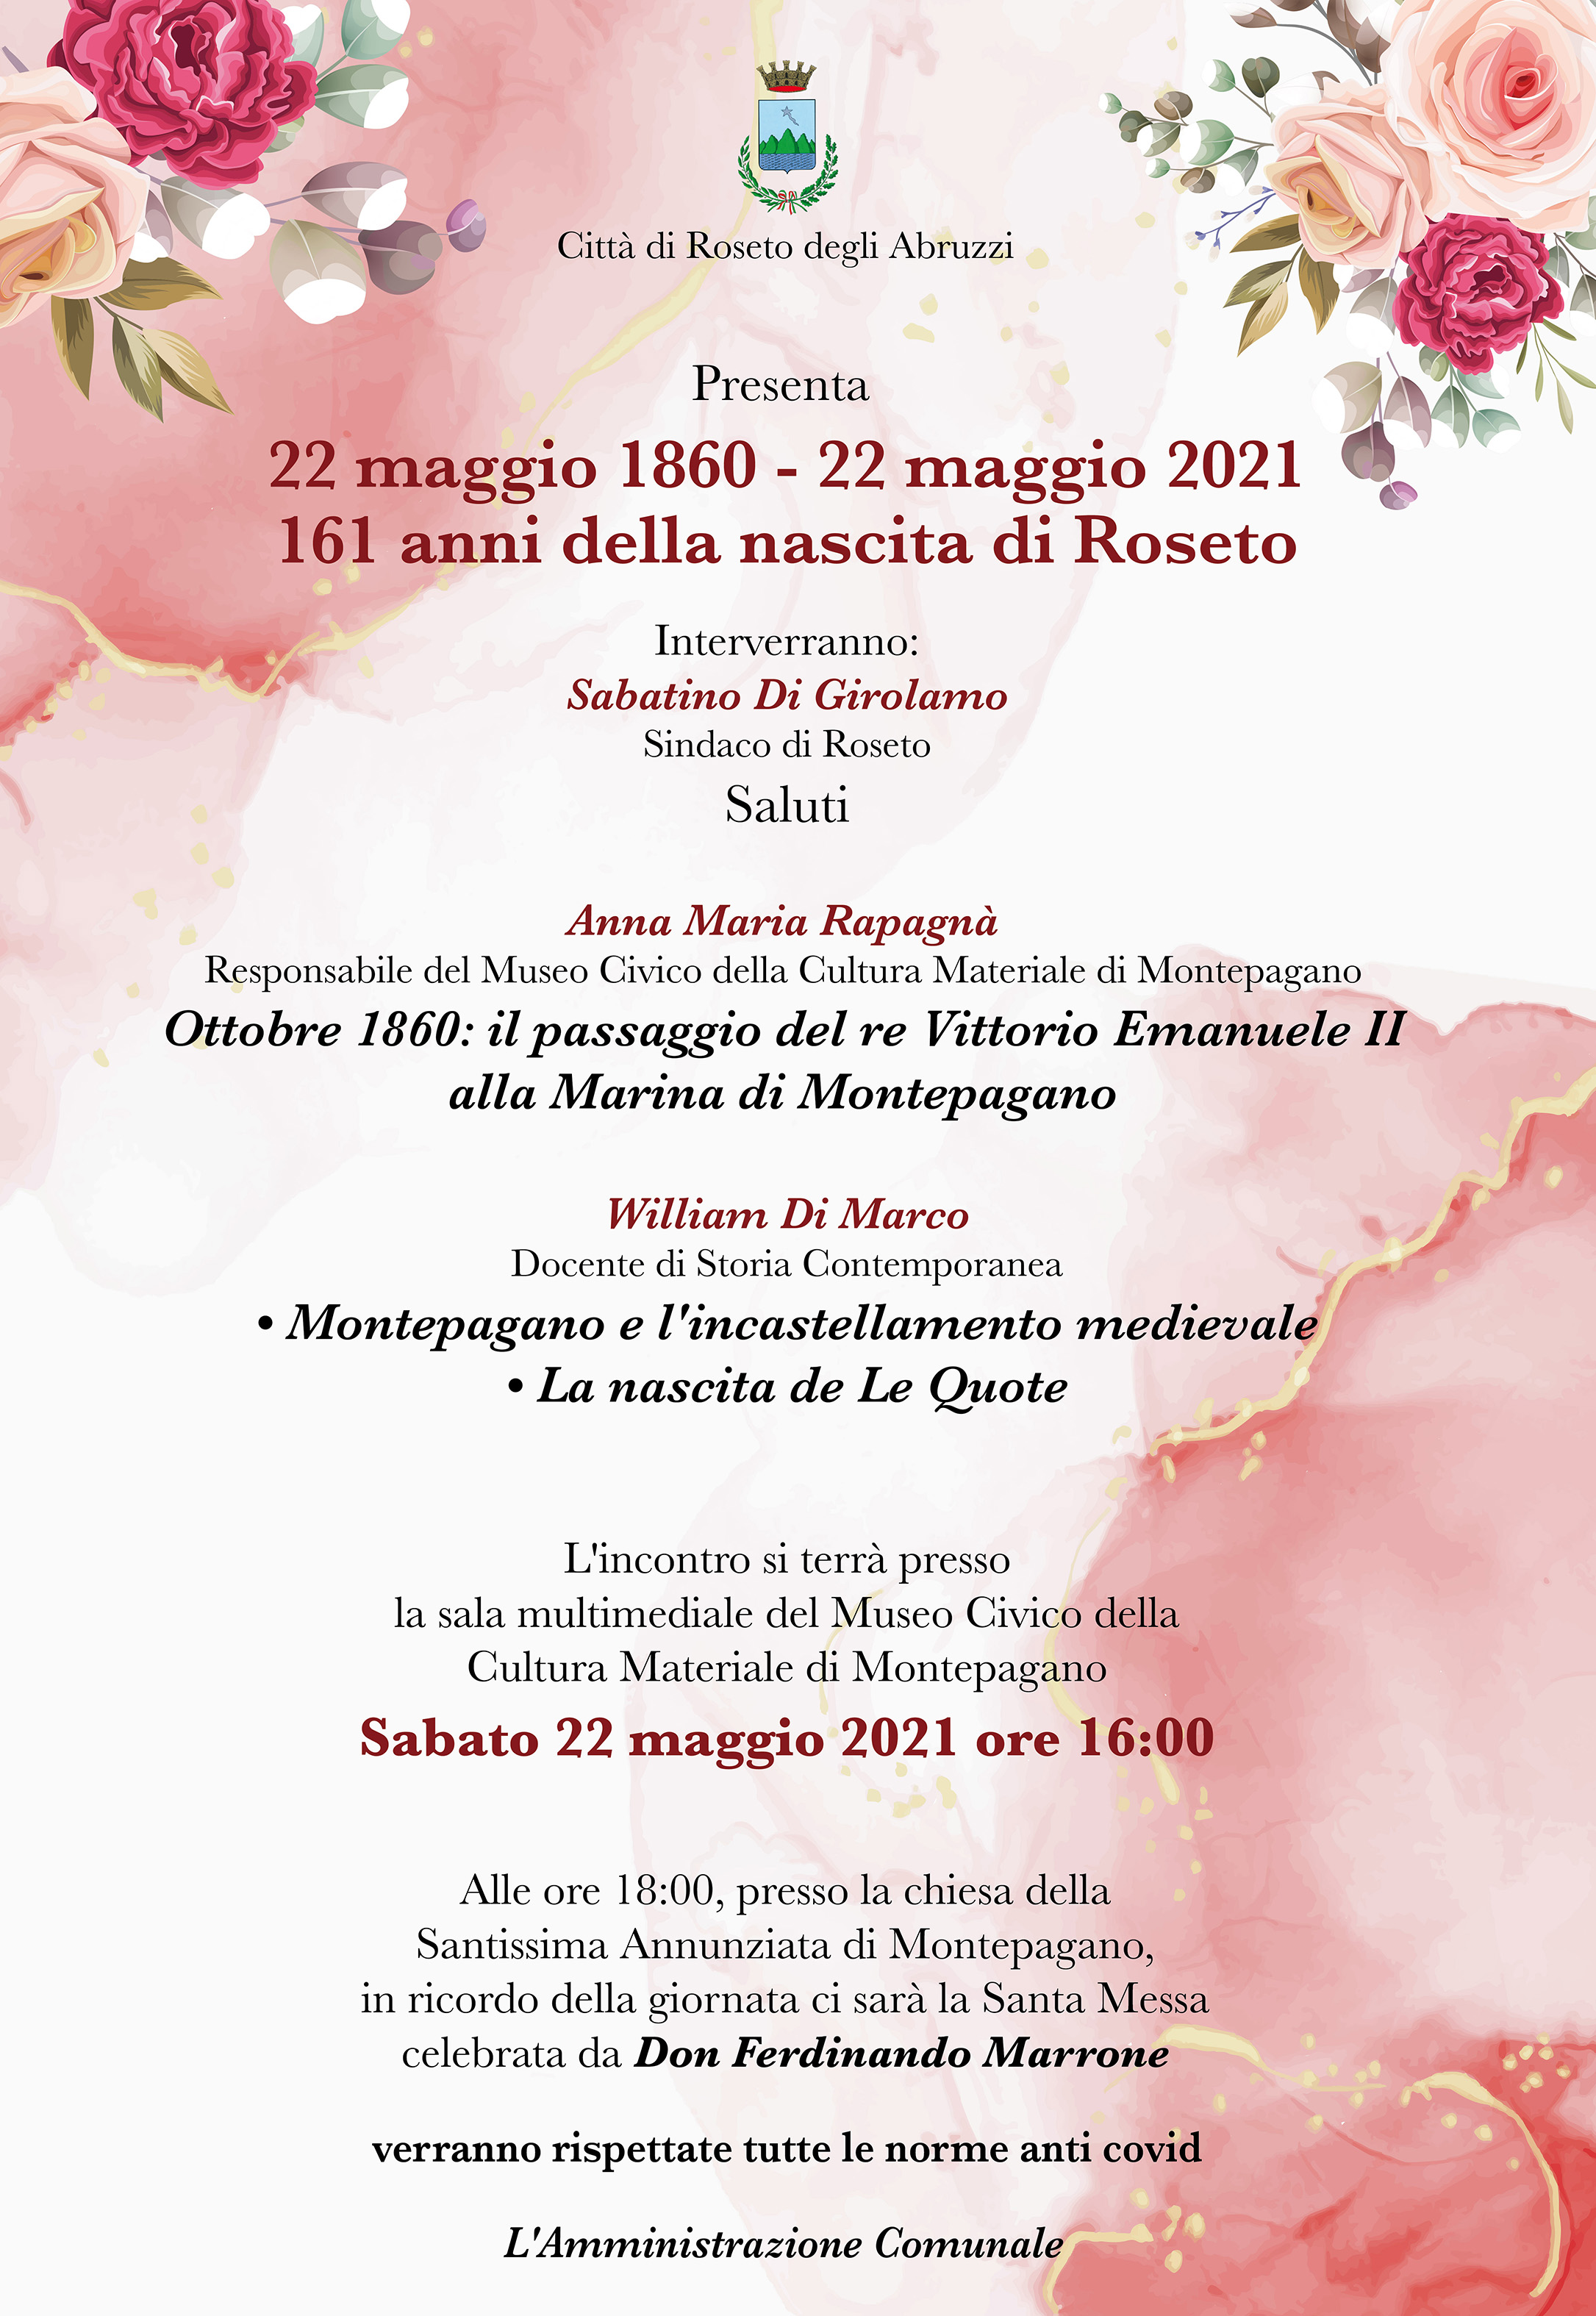 22 MAGGIO 1860/22 MAGGIO 2021 - 161 ANNI DELLA NASCITA DI ROSETO